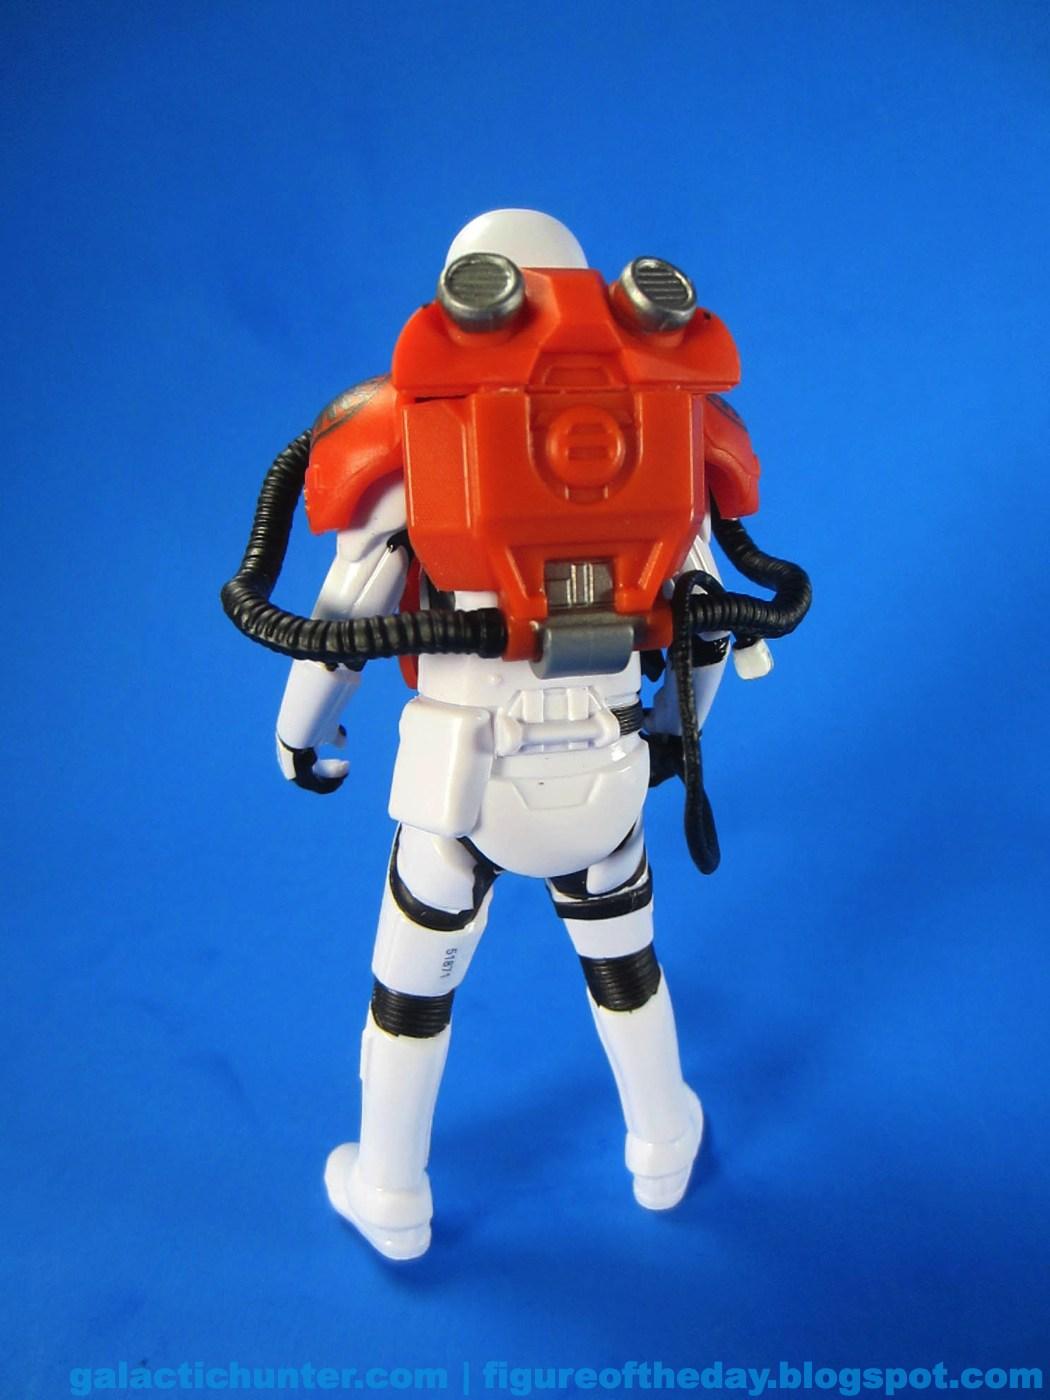 Action- & Spielfiguren Star Wars The Force Awakens Flametrooper 2015 Figure Hasbro Kenner 171